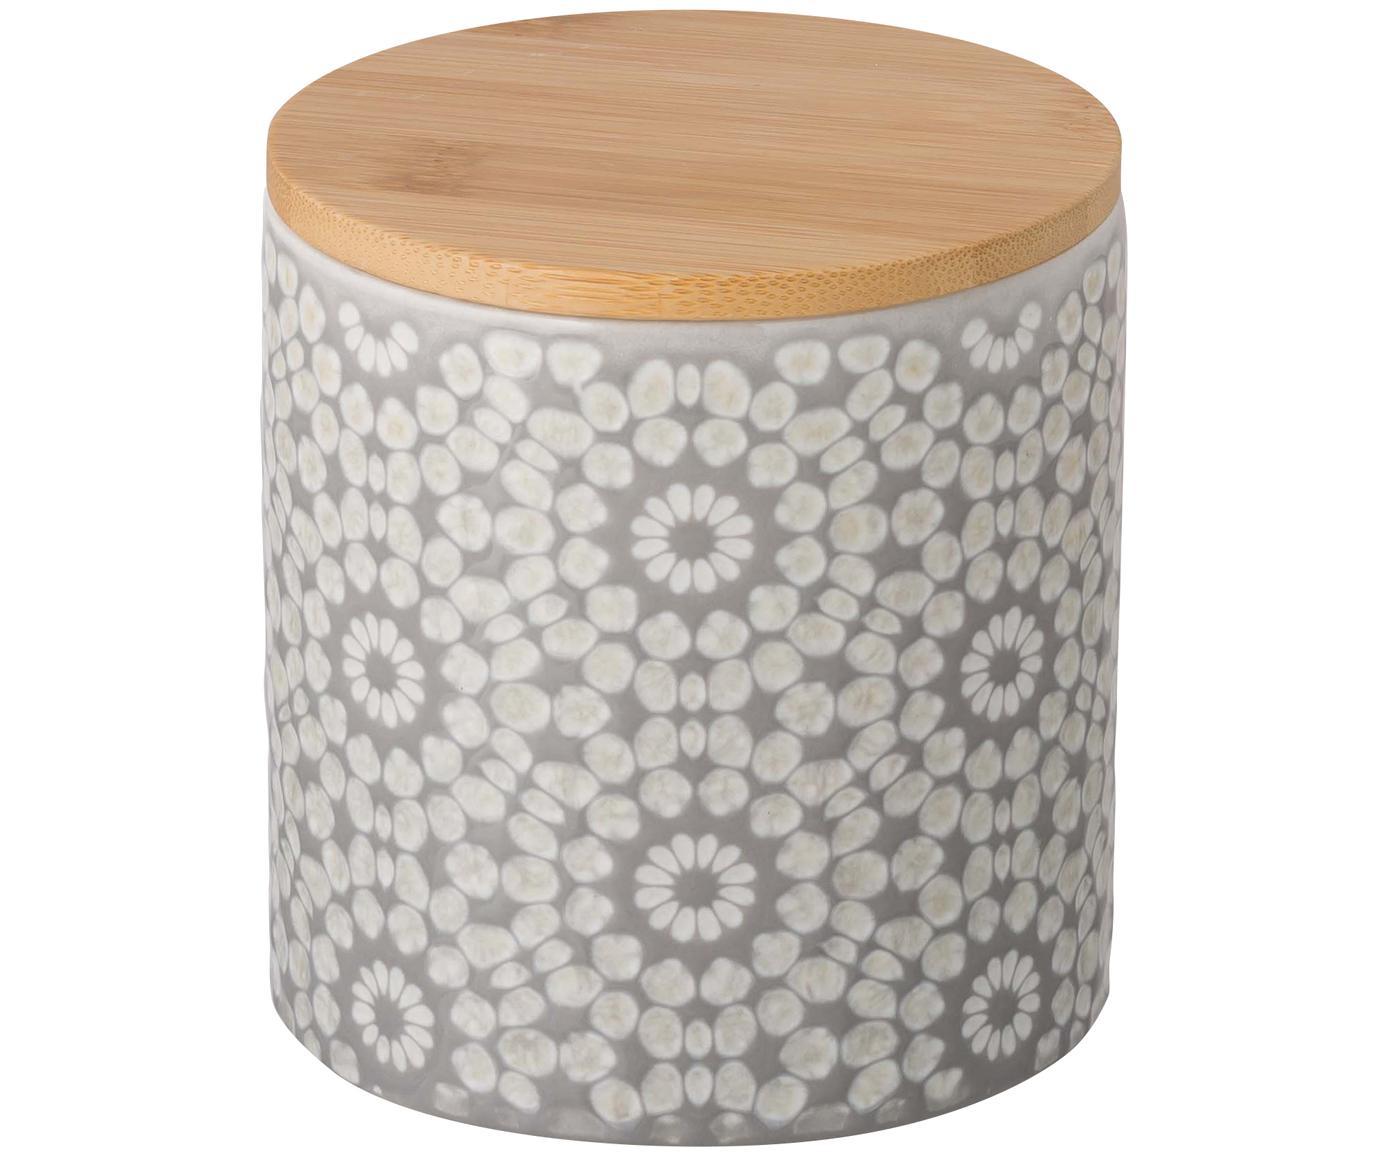 Opbergdoos Abella, Doos: keramiek, Deksel: bamboe, Doos: cementgrijs, wit<br>Deksel: bamboe, Ø 11 x H 12 cm